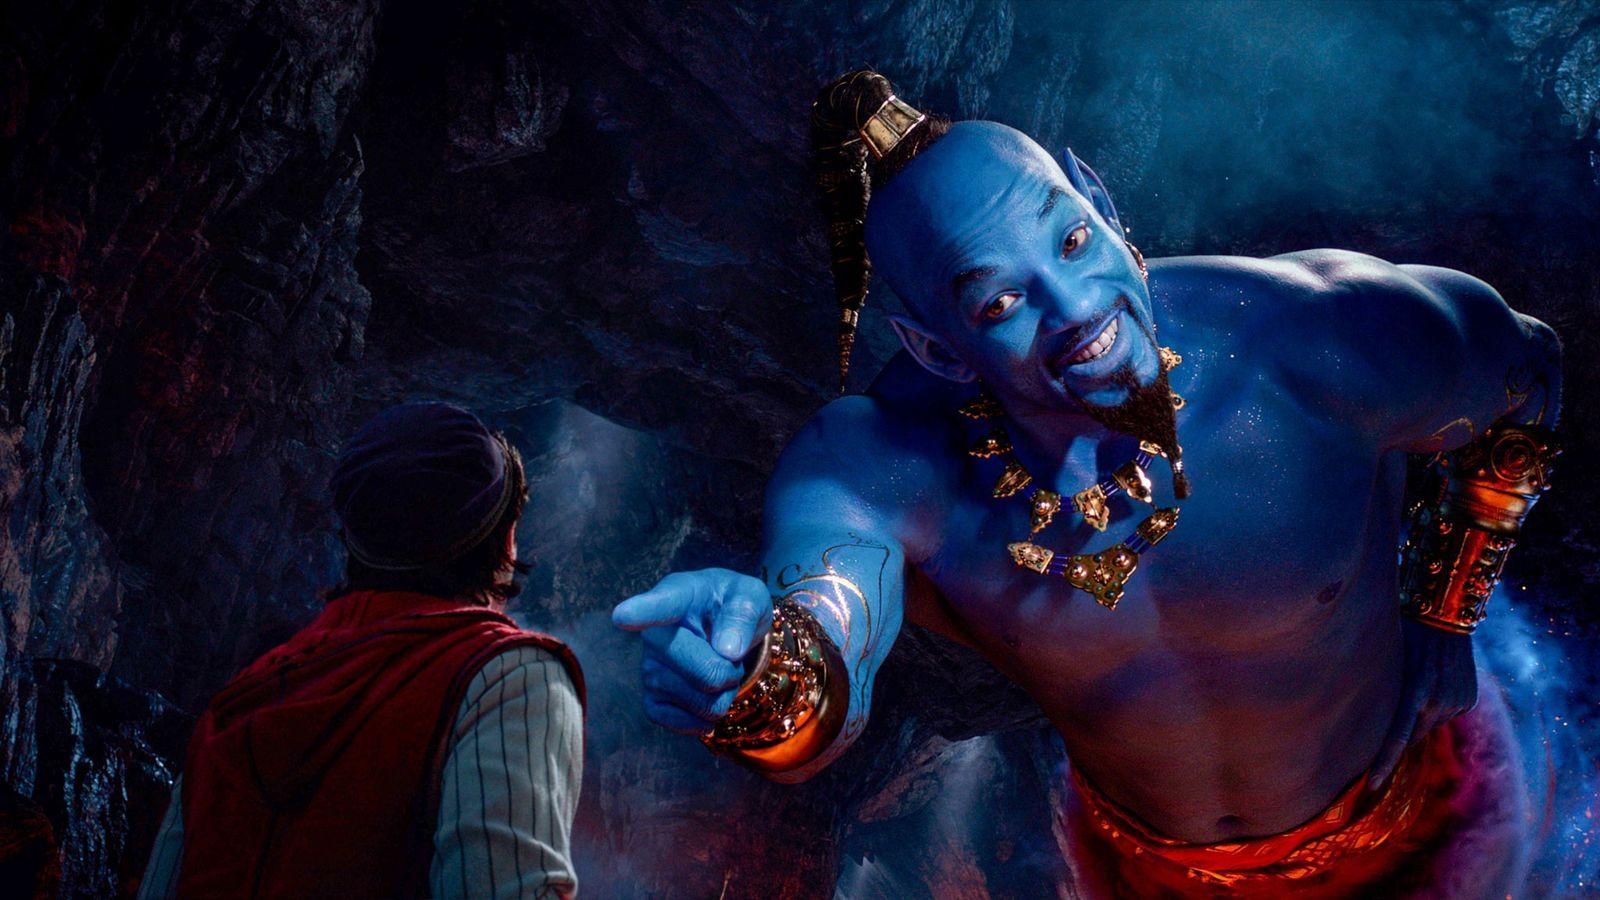 Will Smith interpreta o papel de génio com poderes cósmicos fenomenais que habita num espaço minúsculo, ...